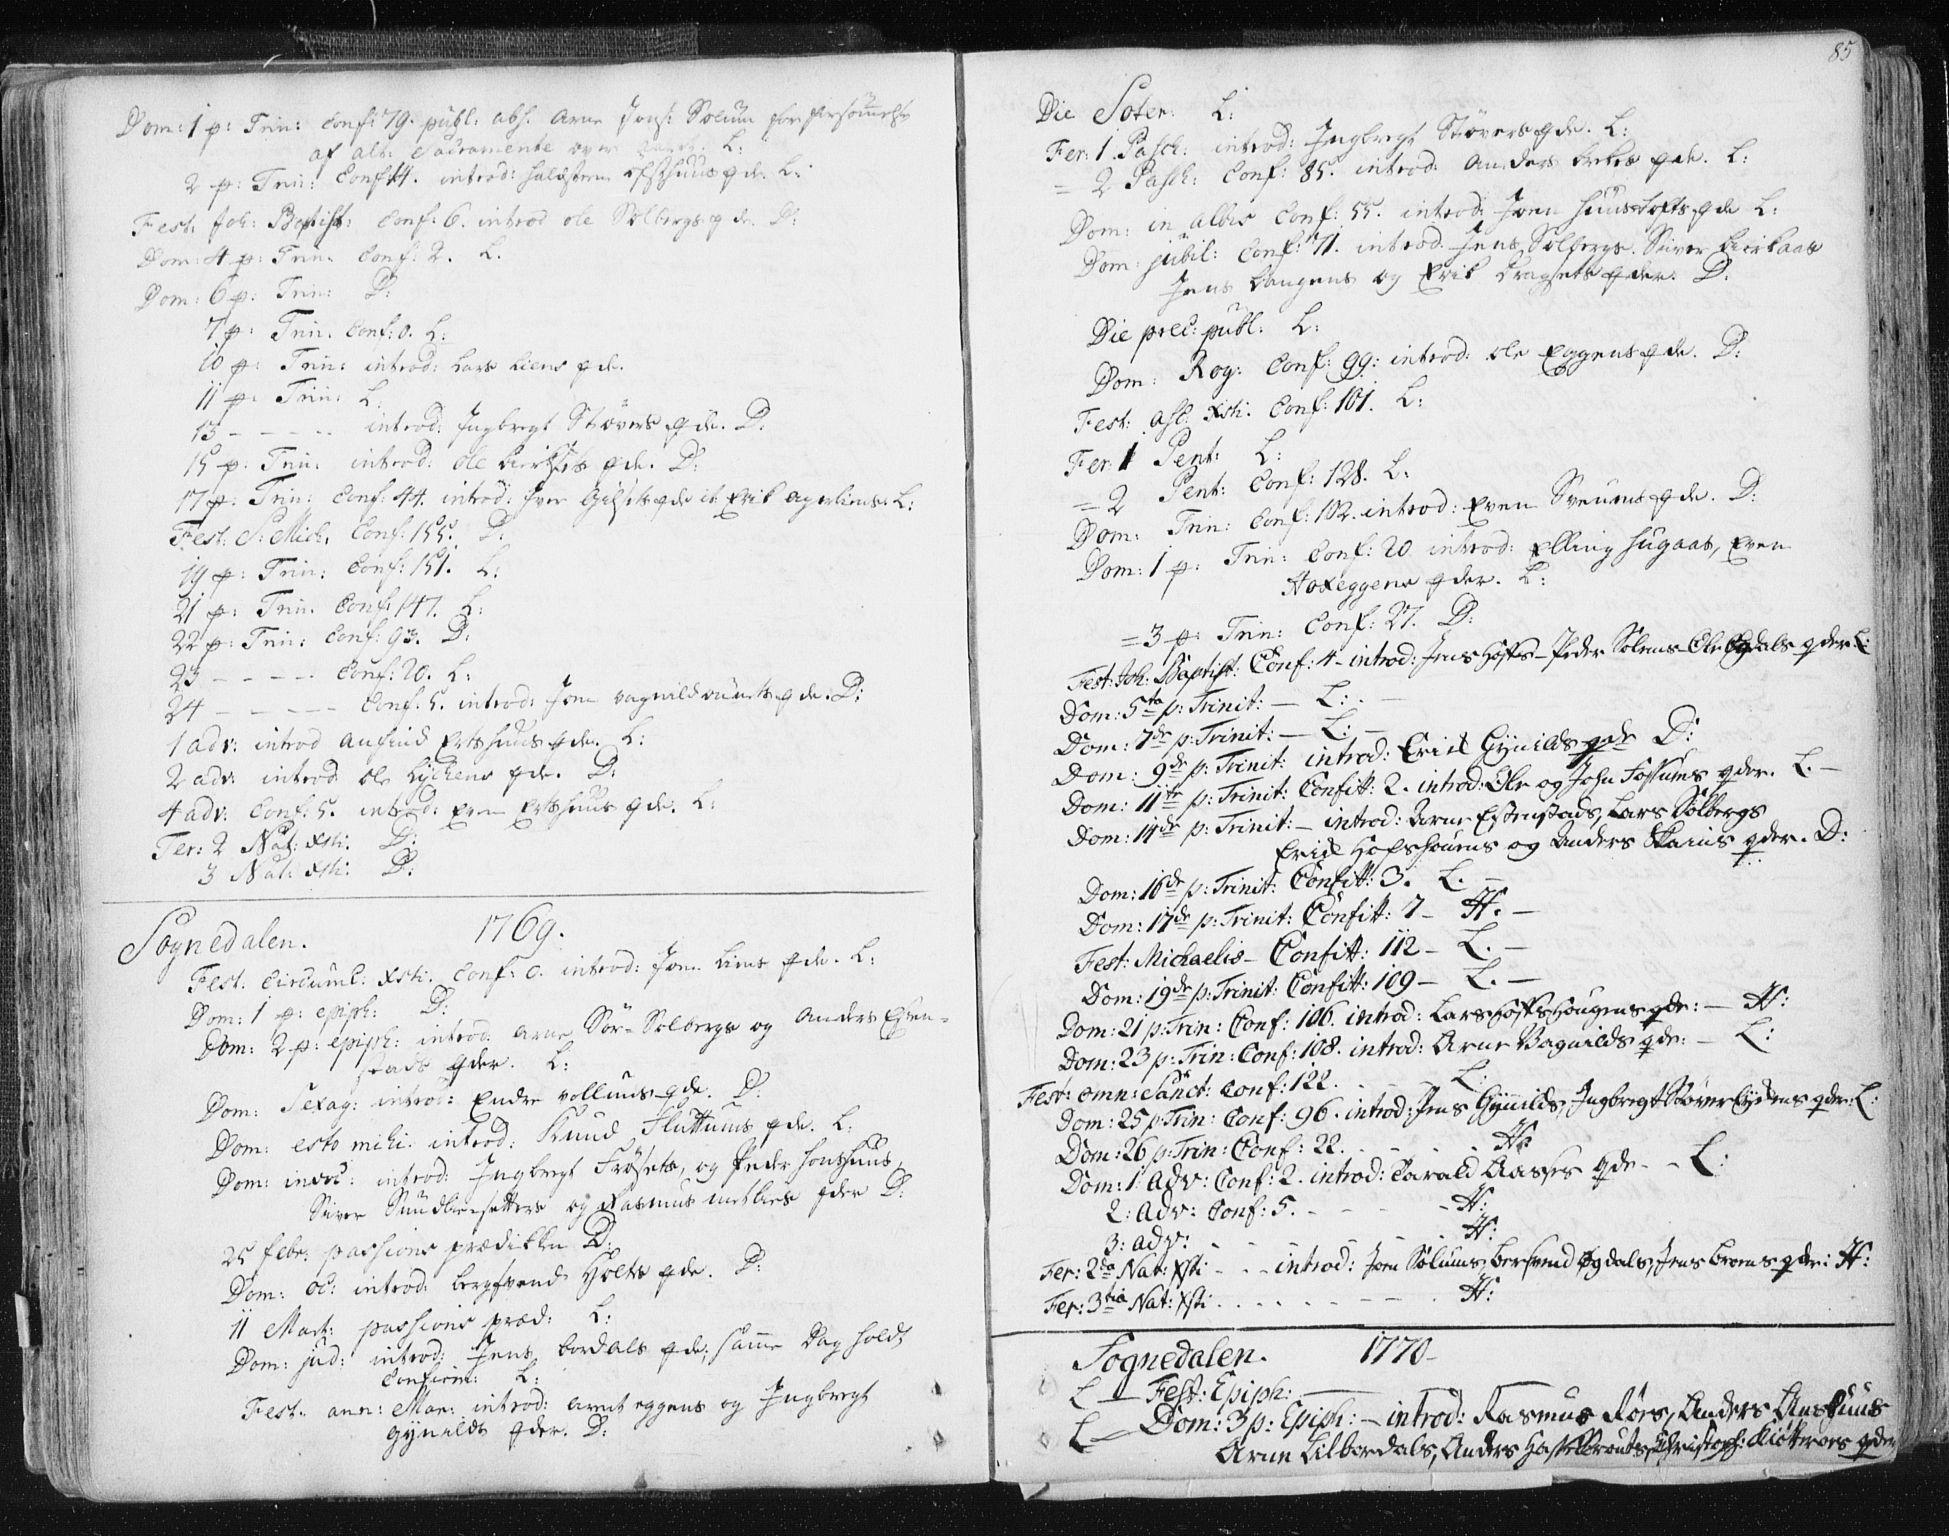 SAT, Ministerialprotokoller, klokkerbøker og fødselsregistre - Sør-Trøndelag, 687/L0991: Ministerialbok nr. 687A02, 1747-1790, s. 85